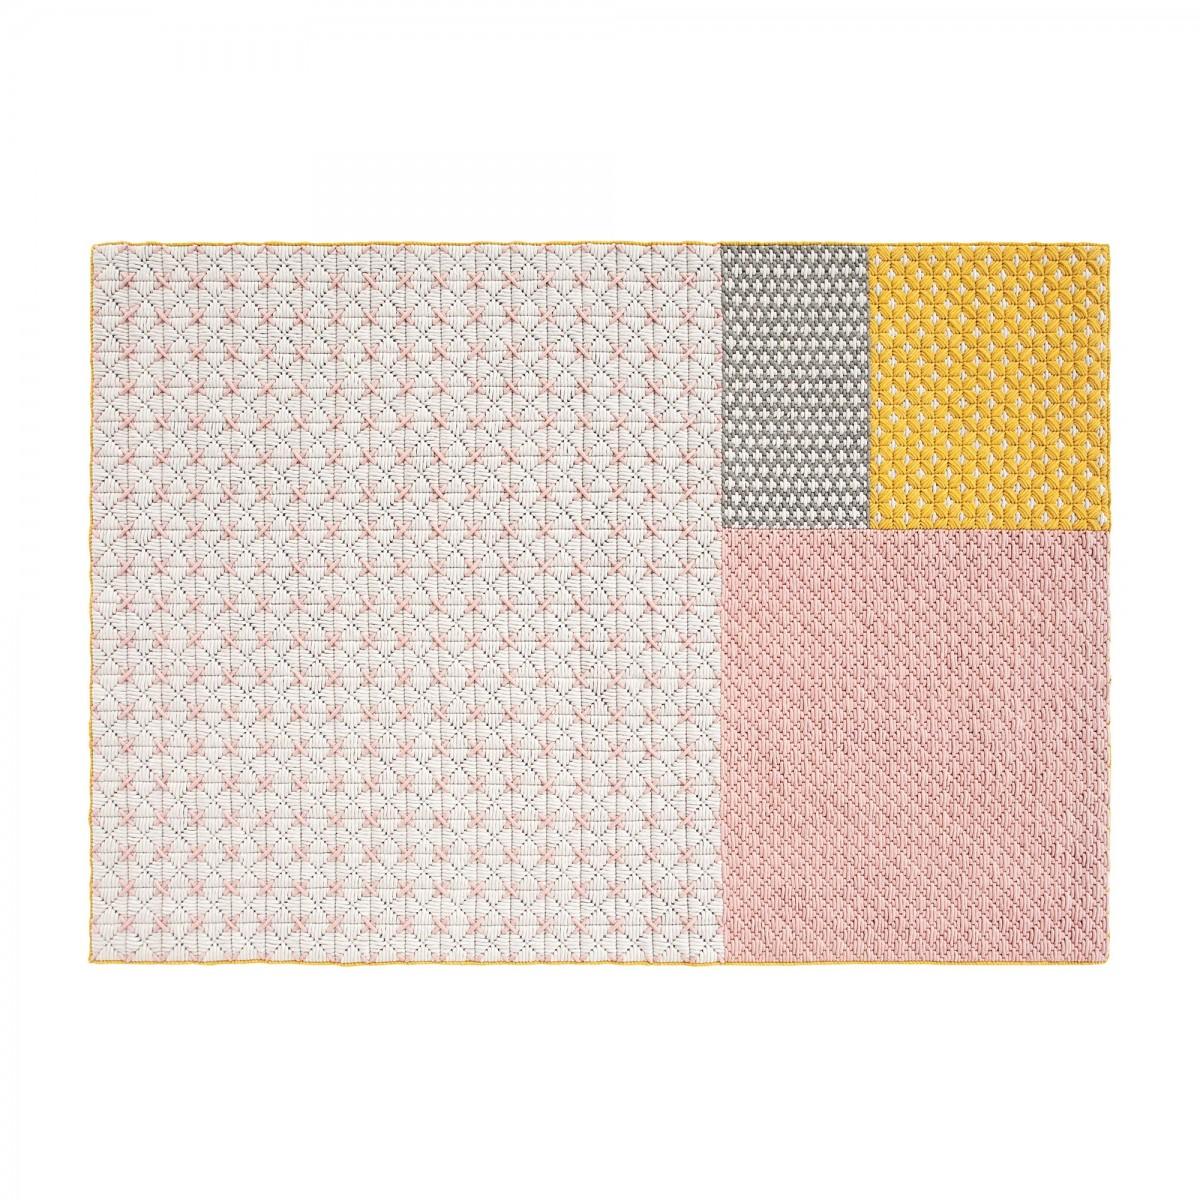 gan linge de lit Tapis Silaï en laine vierge de la marque Gan, design par Charlotte  gan linge de lit